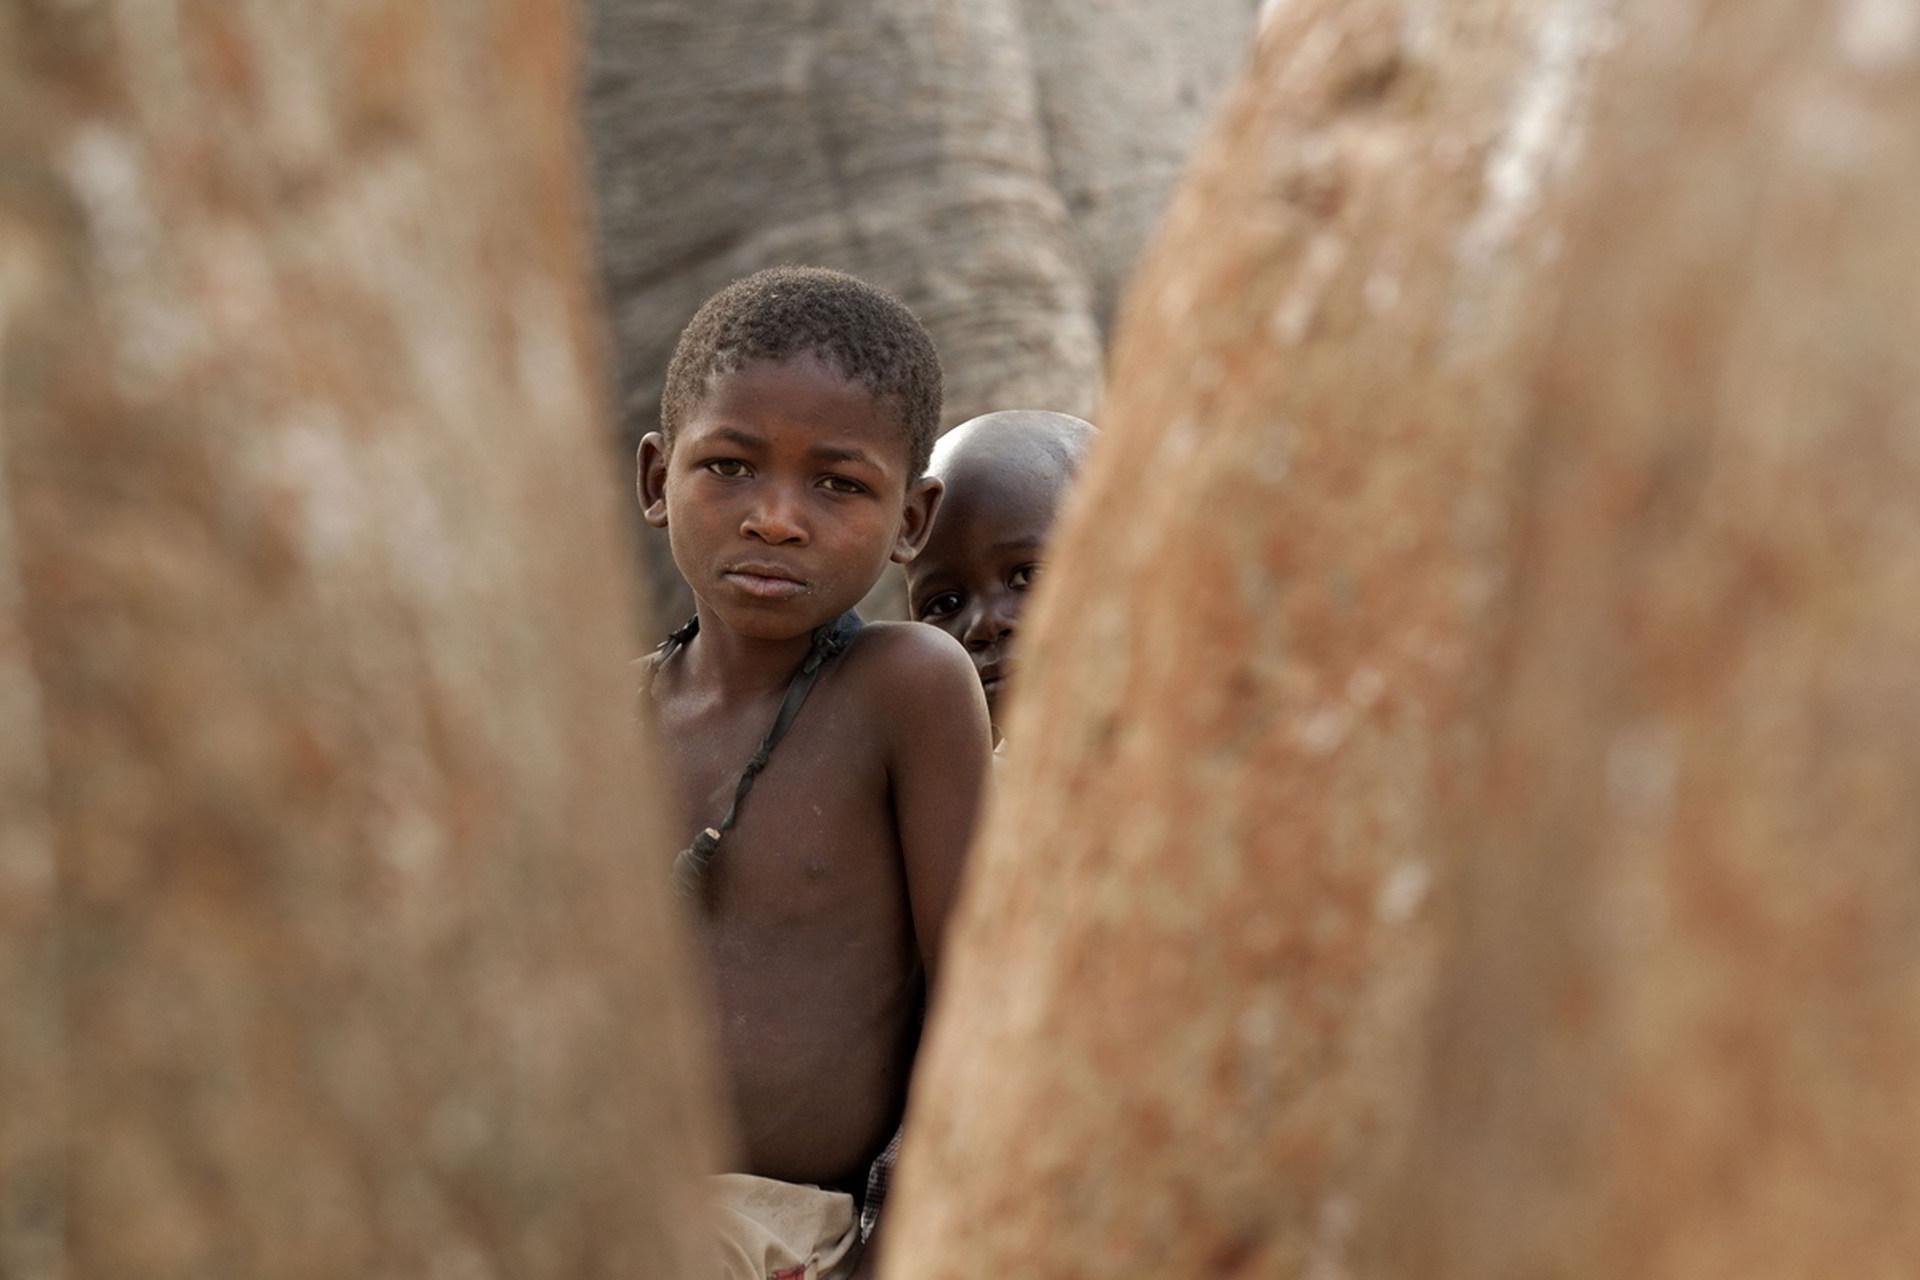 Togo2012 - Togo_2012_134.jpg